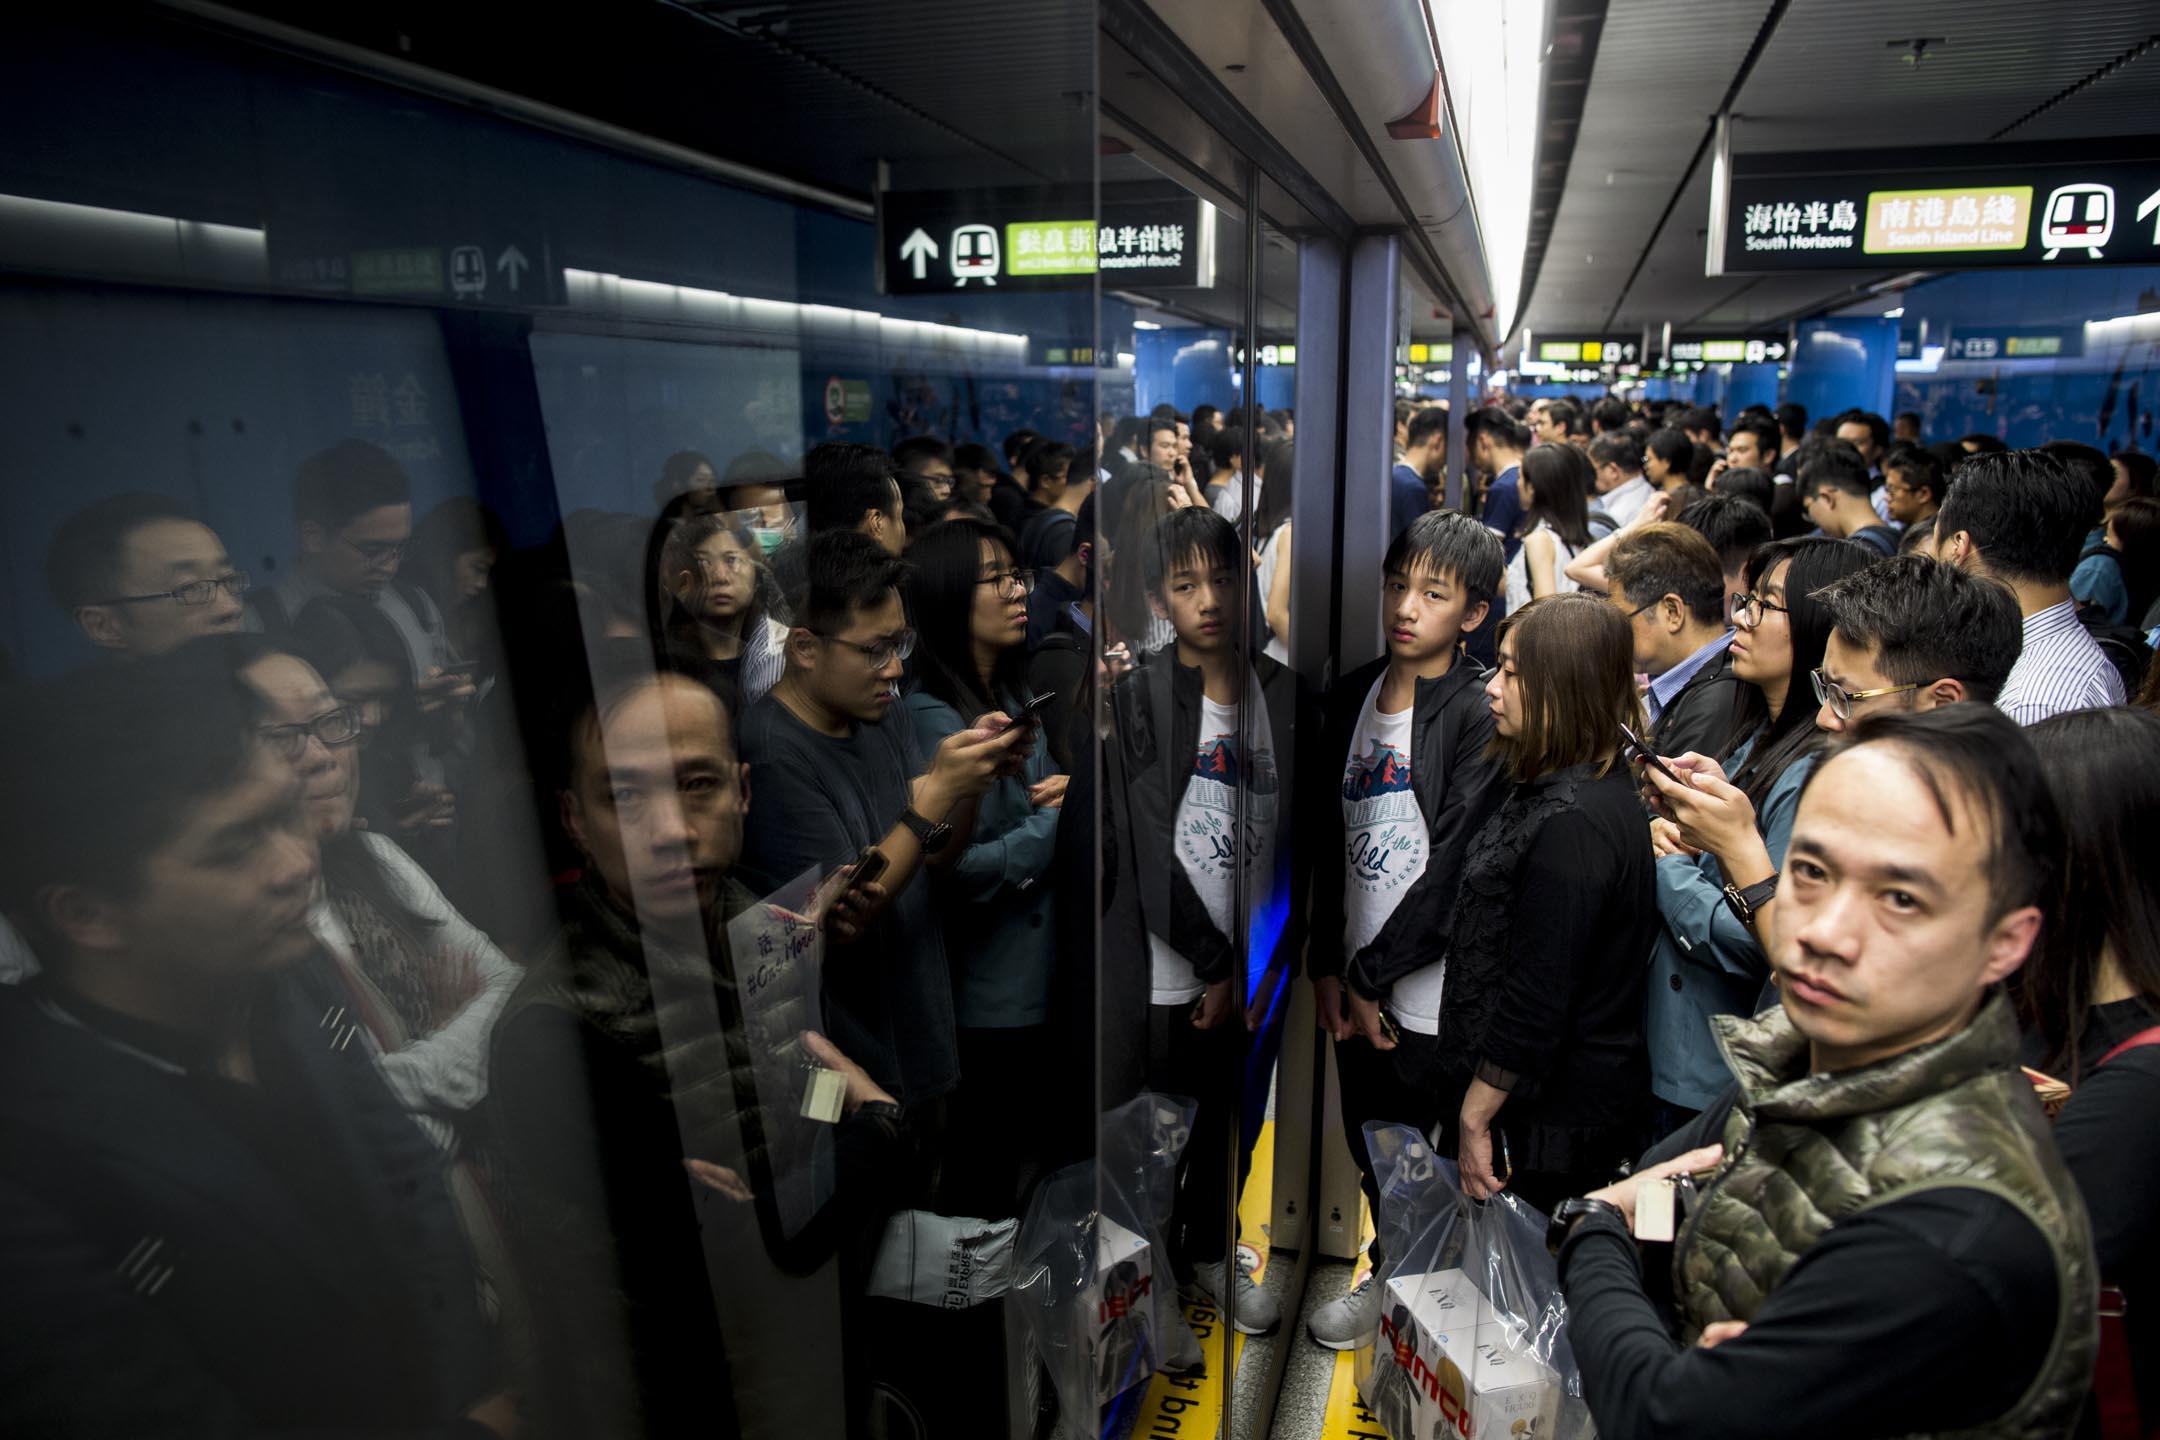 2019年3月22日,繁忙時段上不到列車需等候下一班的乘客。